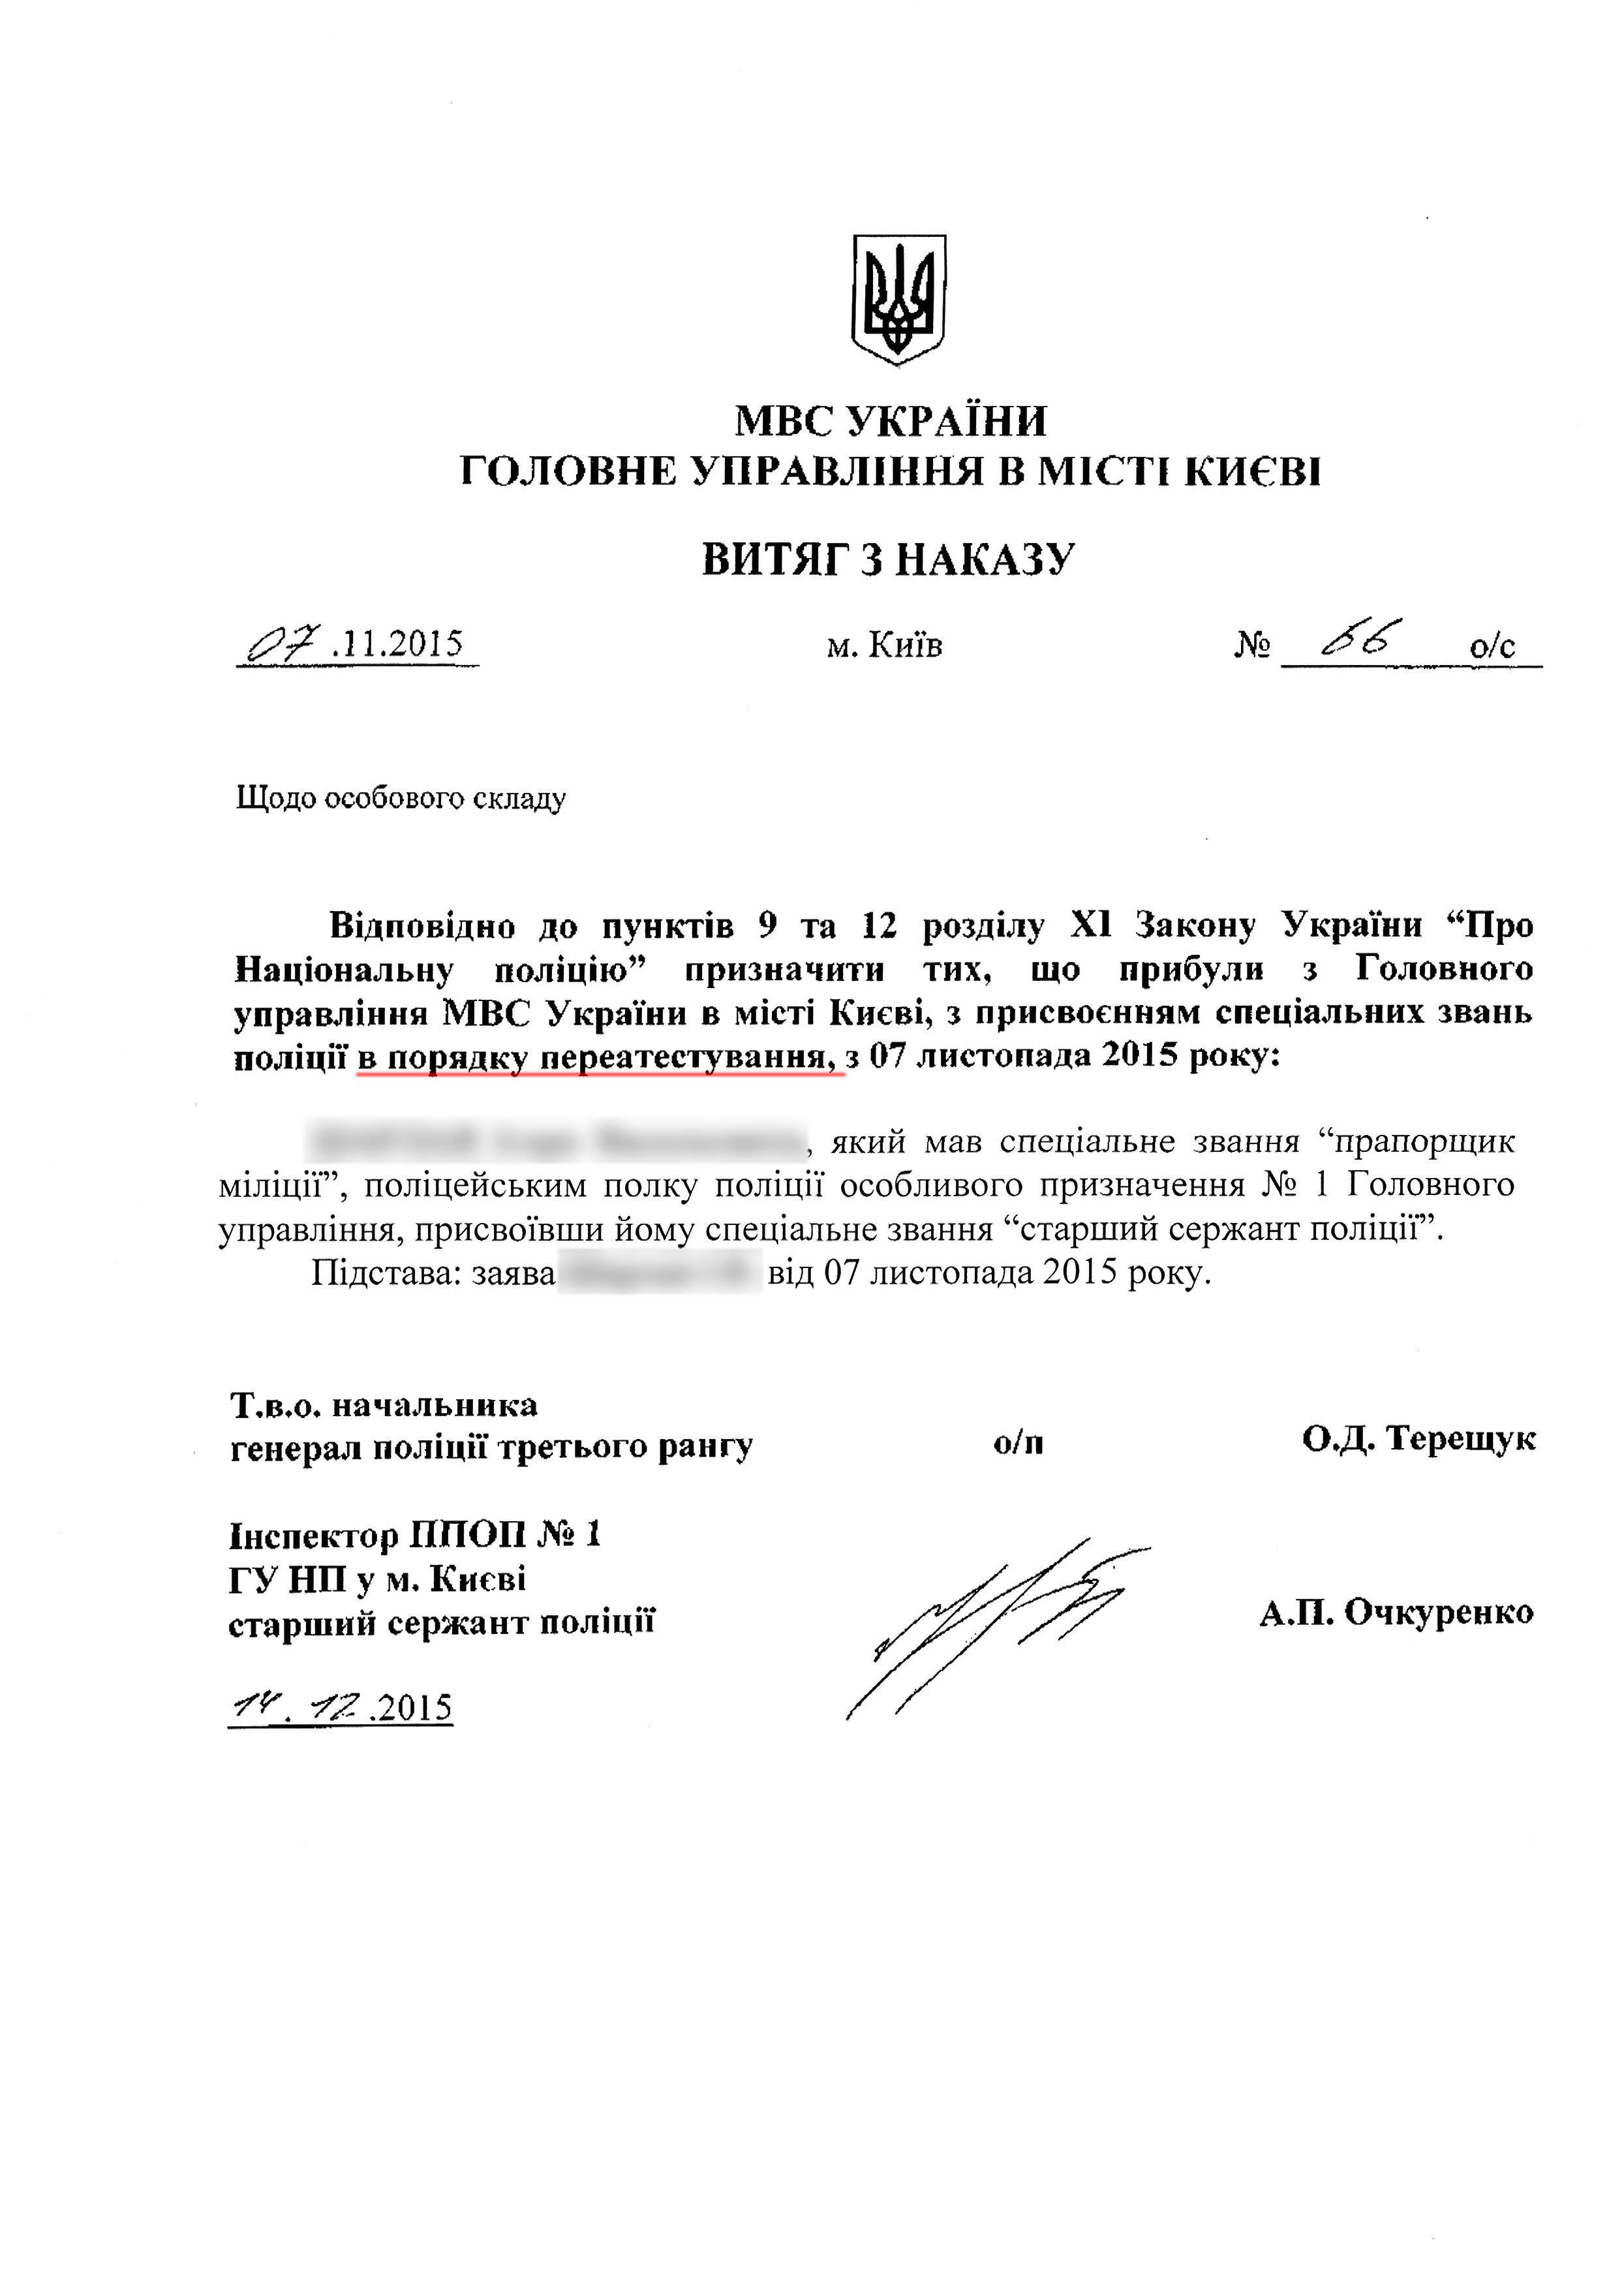 ГПУ оприлюднила накази про переатестацію екс-беркутівців до лав Нацполіції (ДОКУМЕНТИ) - фото 4